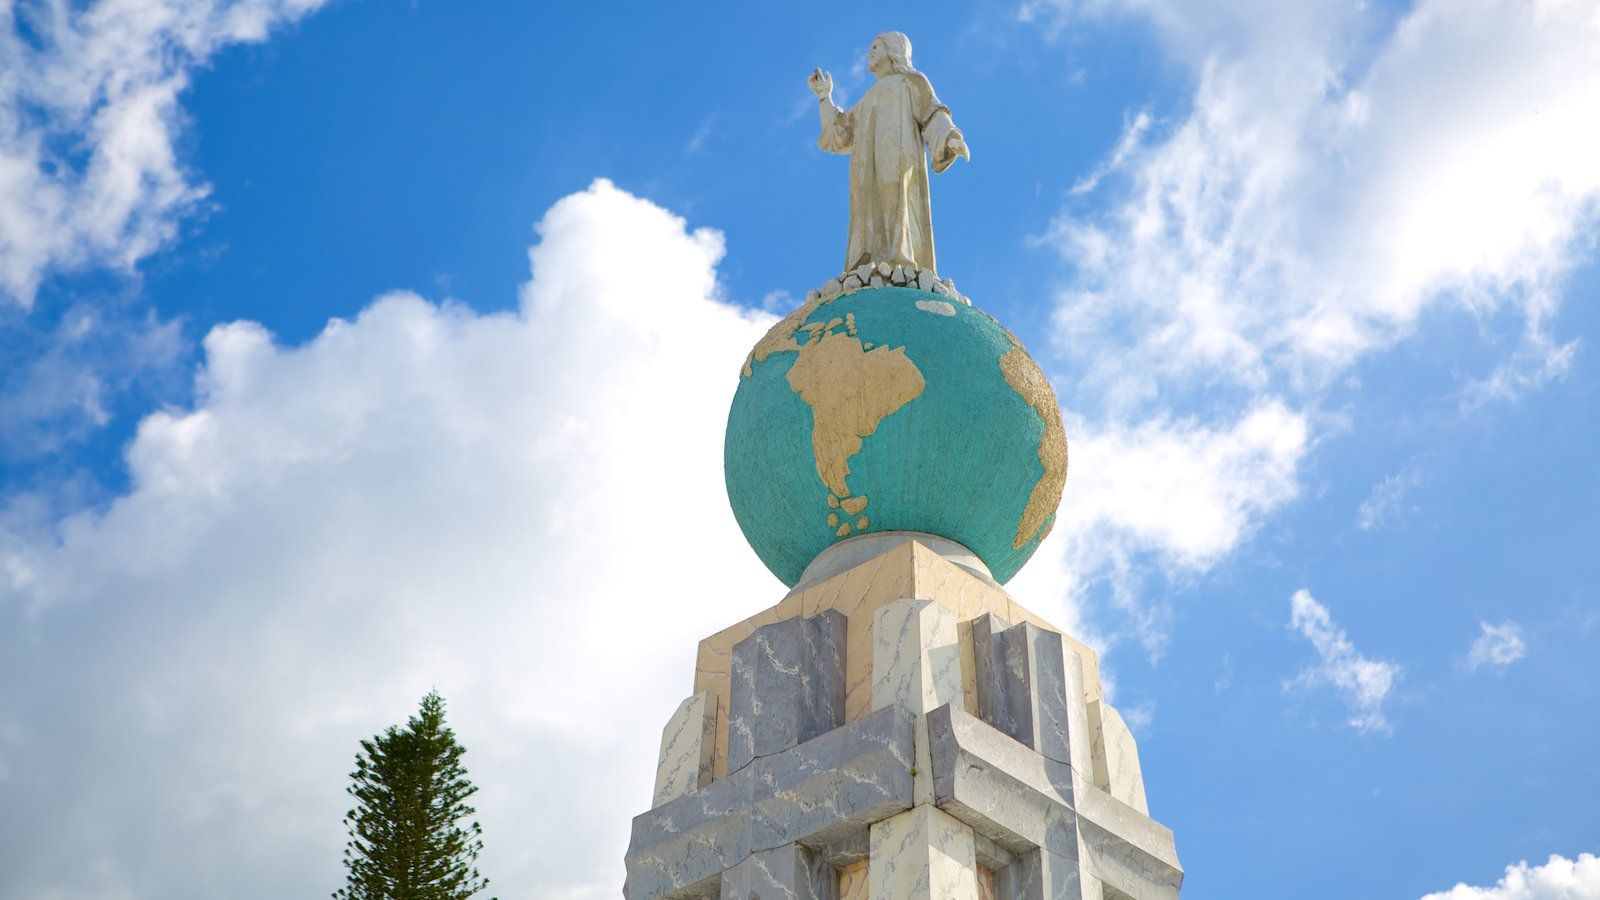 Monumento al Salvador del Mundo que incluye una estatua o escultura y un monumento